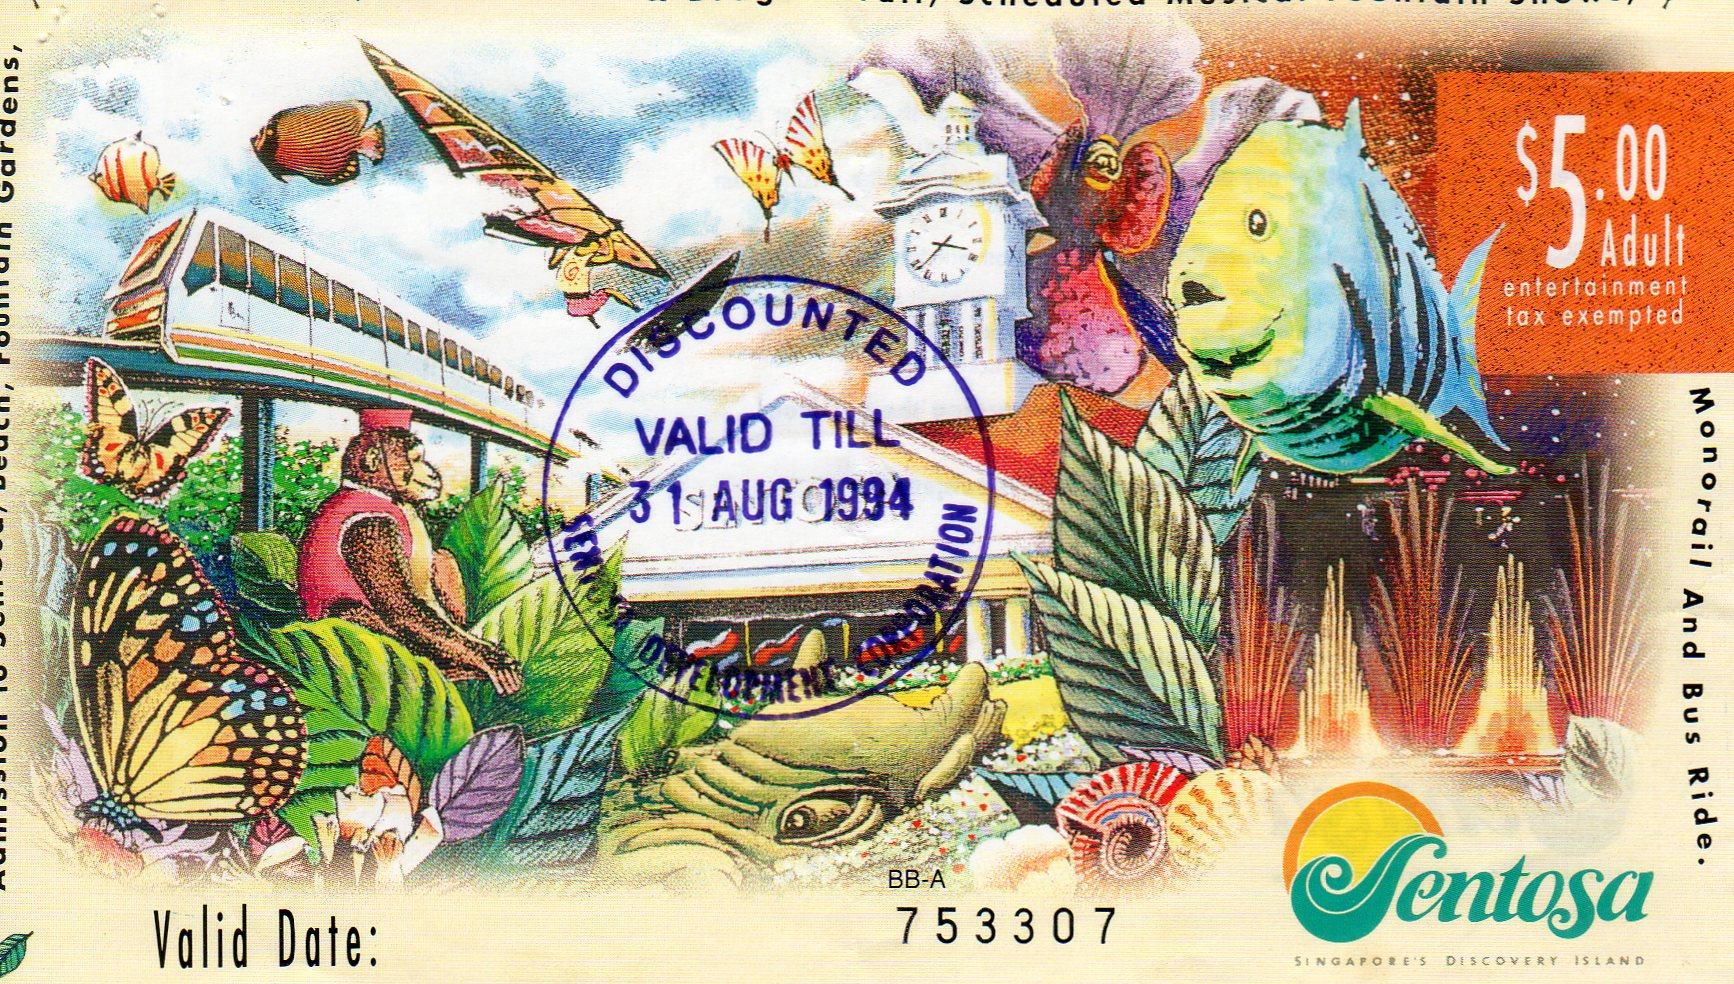 シンガポール・セントーサ島⑦